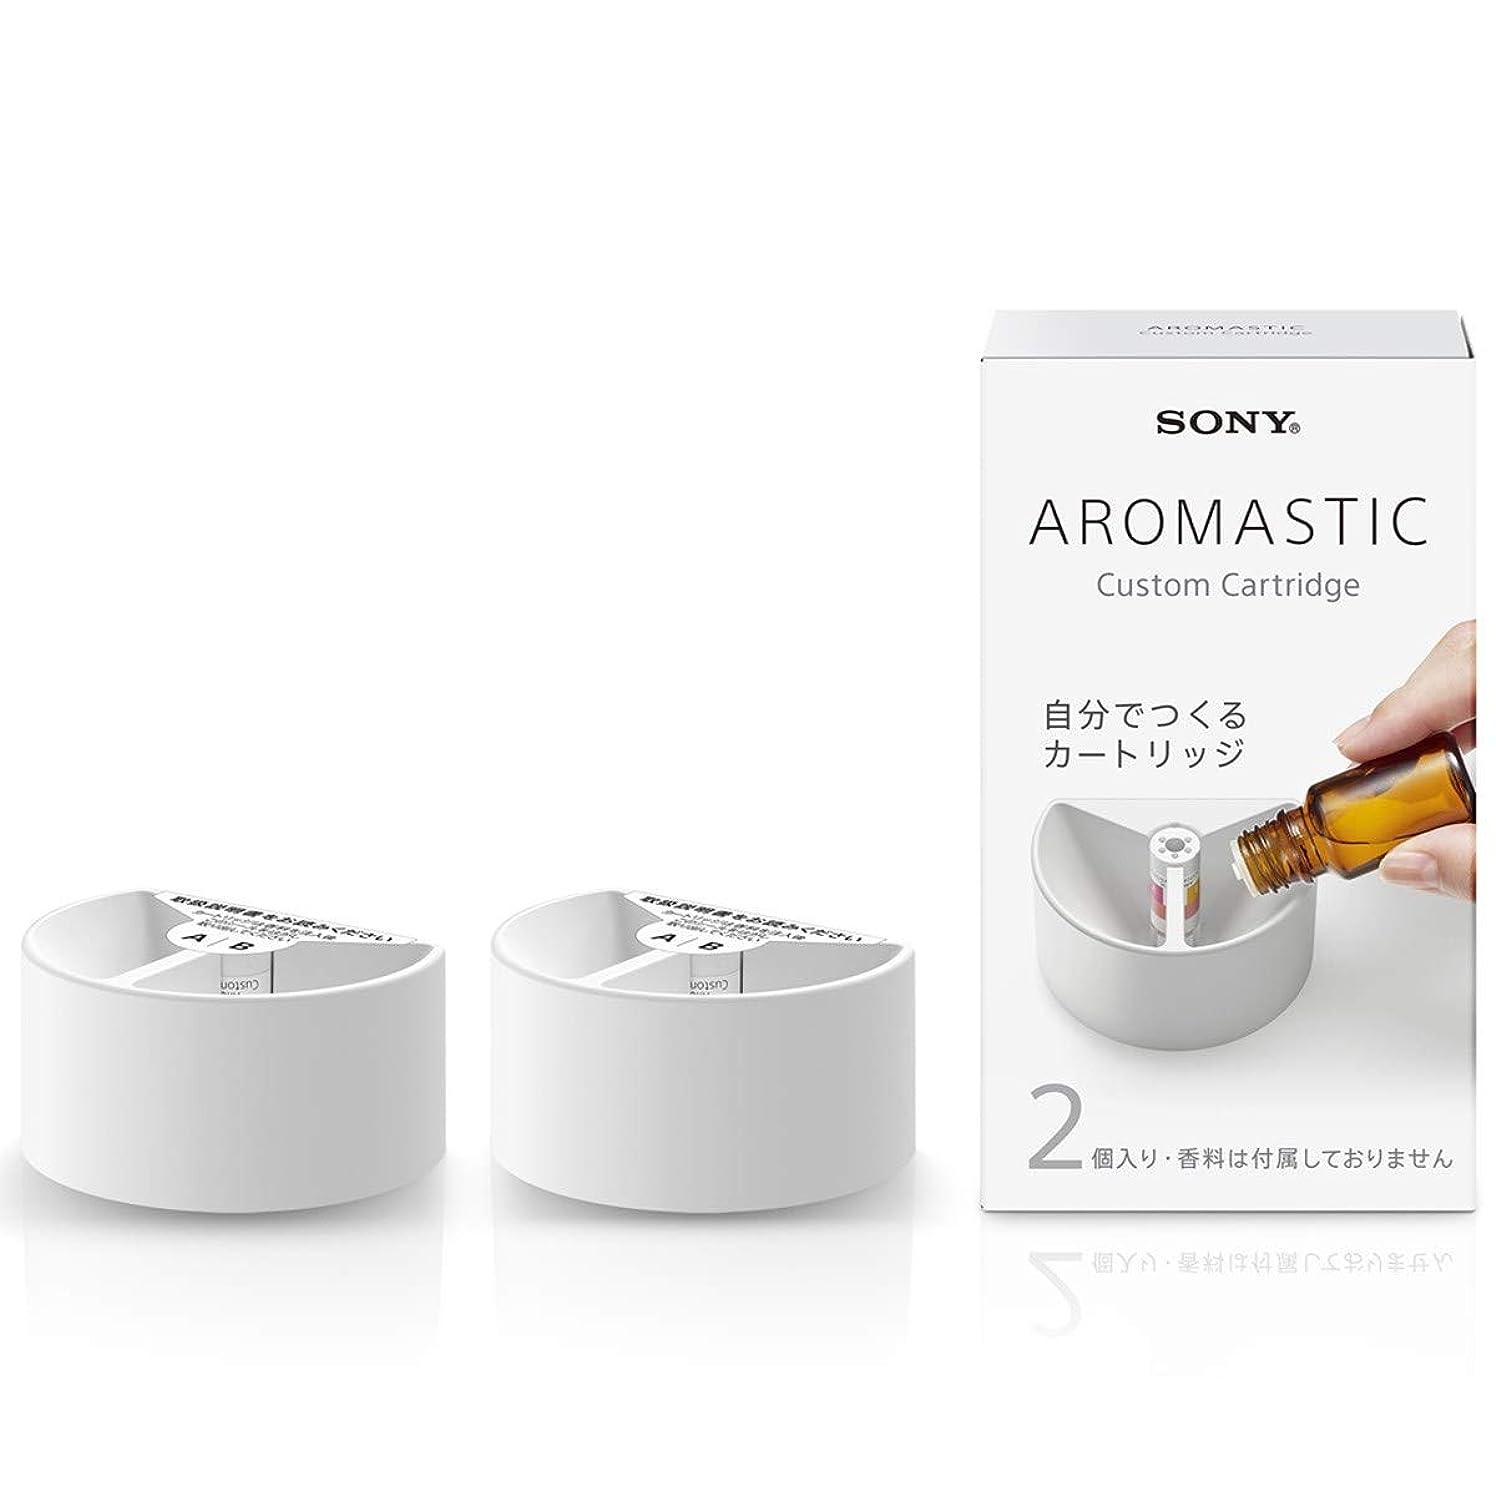 消毒する振幅女王AROMASTIC Custom Cartridge(カスタムカートリッジ) OE-SC001